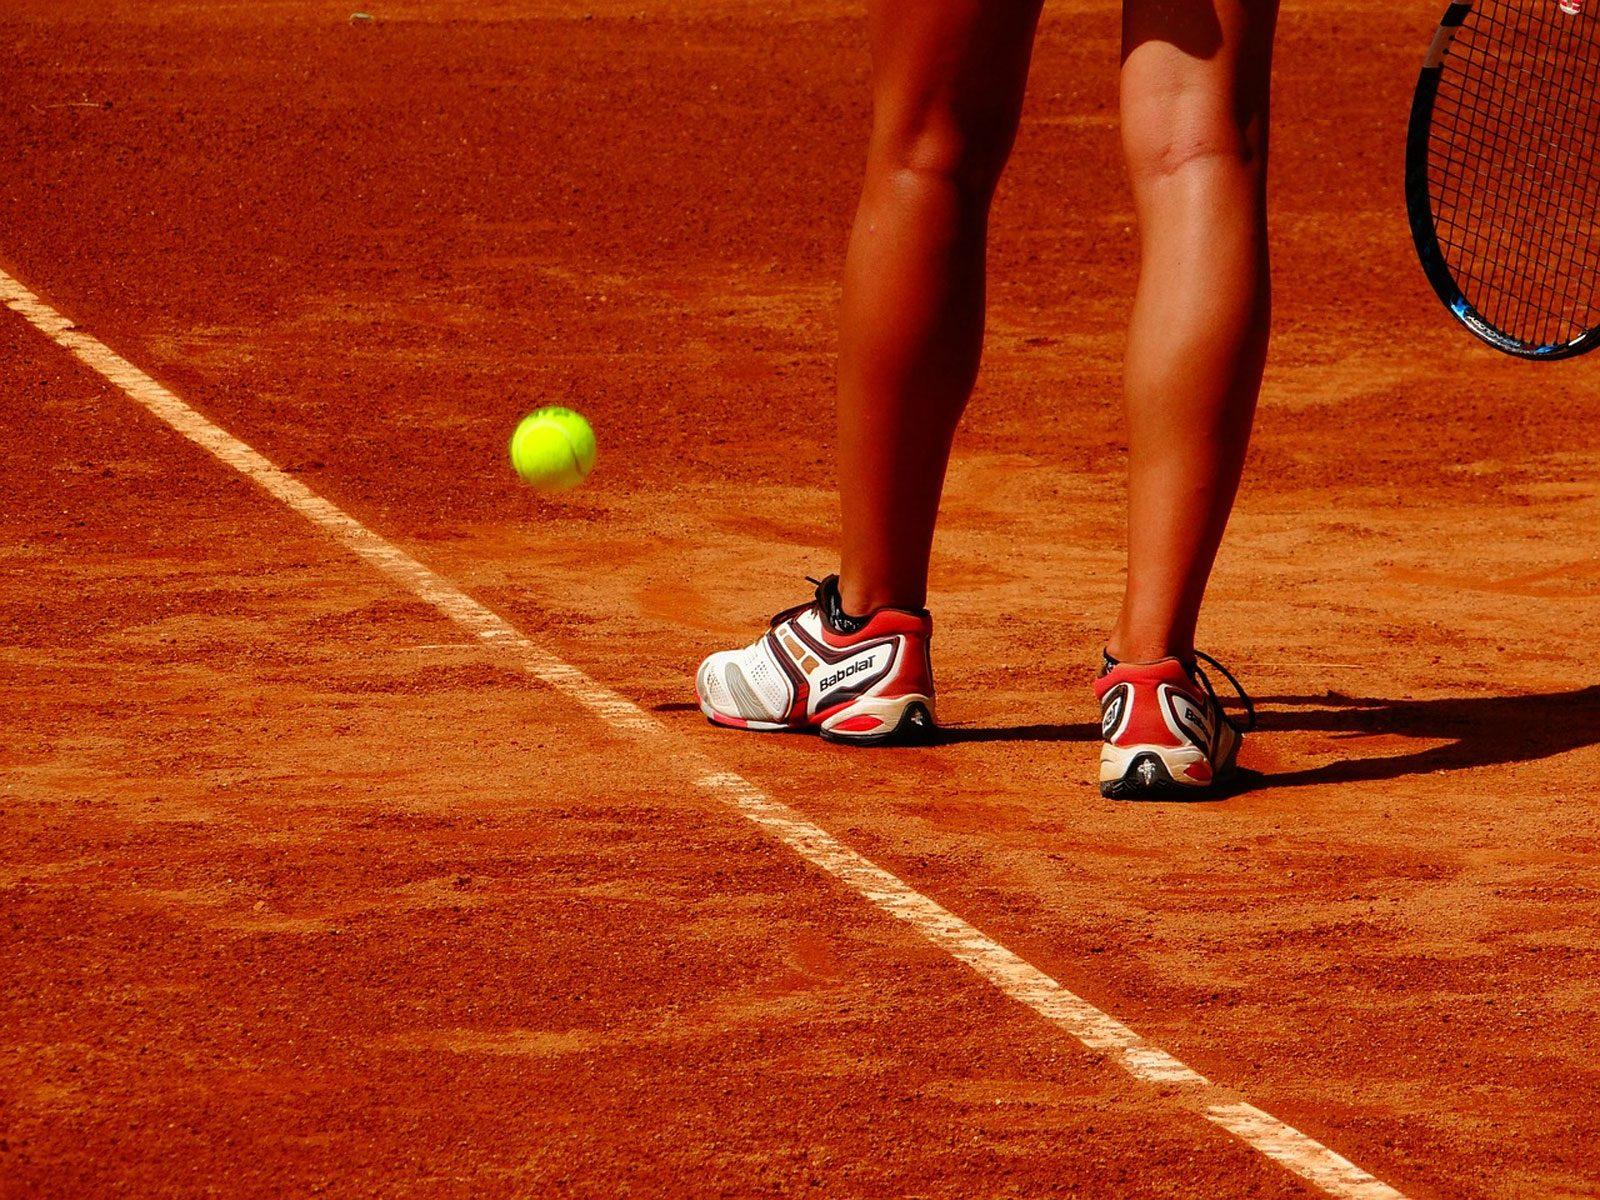 Tournoi de tennis féminin à Moulins : l'Elior Open 57 devient Waves Open 57